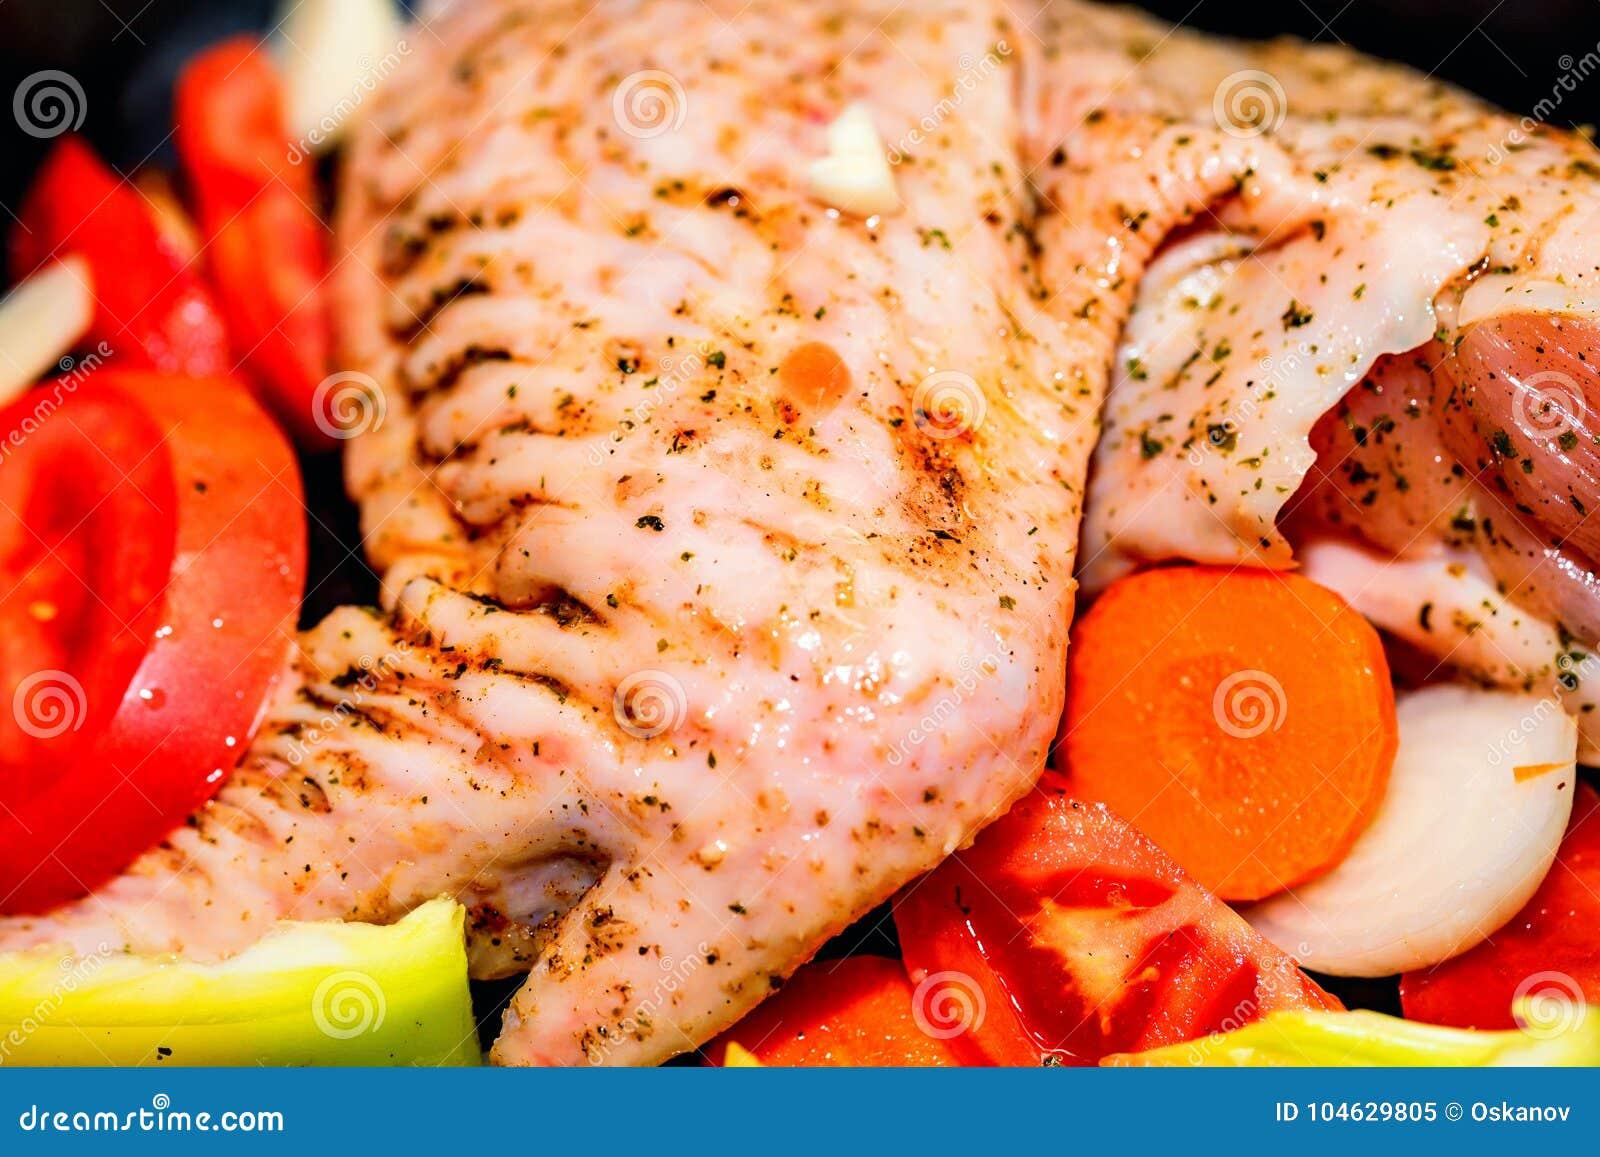 Download Turkije Met Groenten Wordt Versierd Die Binnen Alvorens Te Koken Stock Afbeelding - Afbeelding bestaande uit helder, diner: 104629805